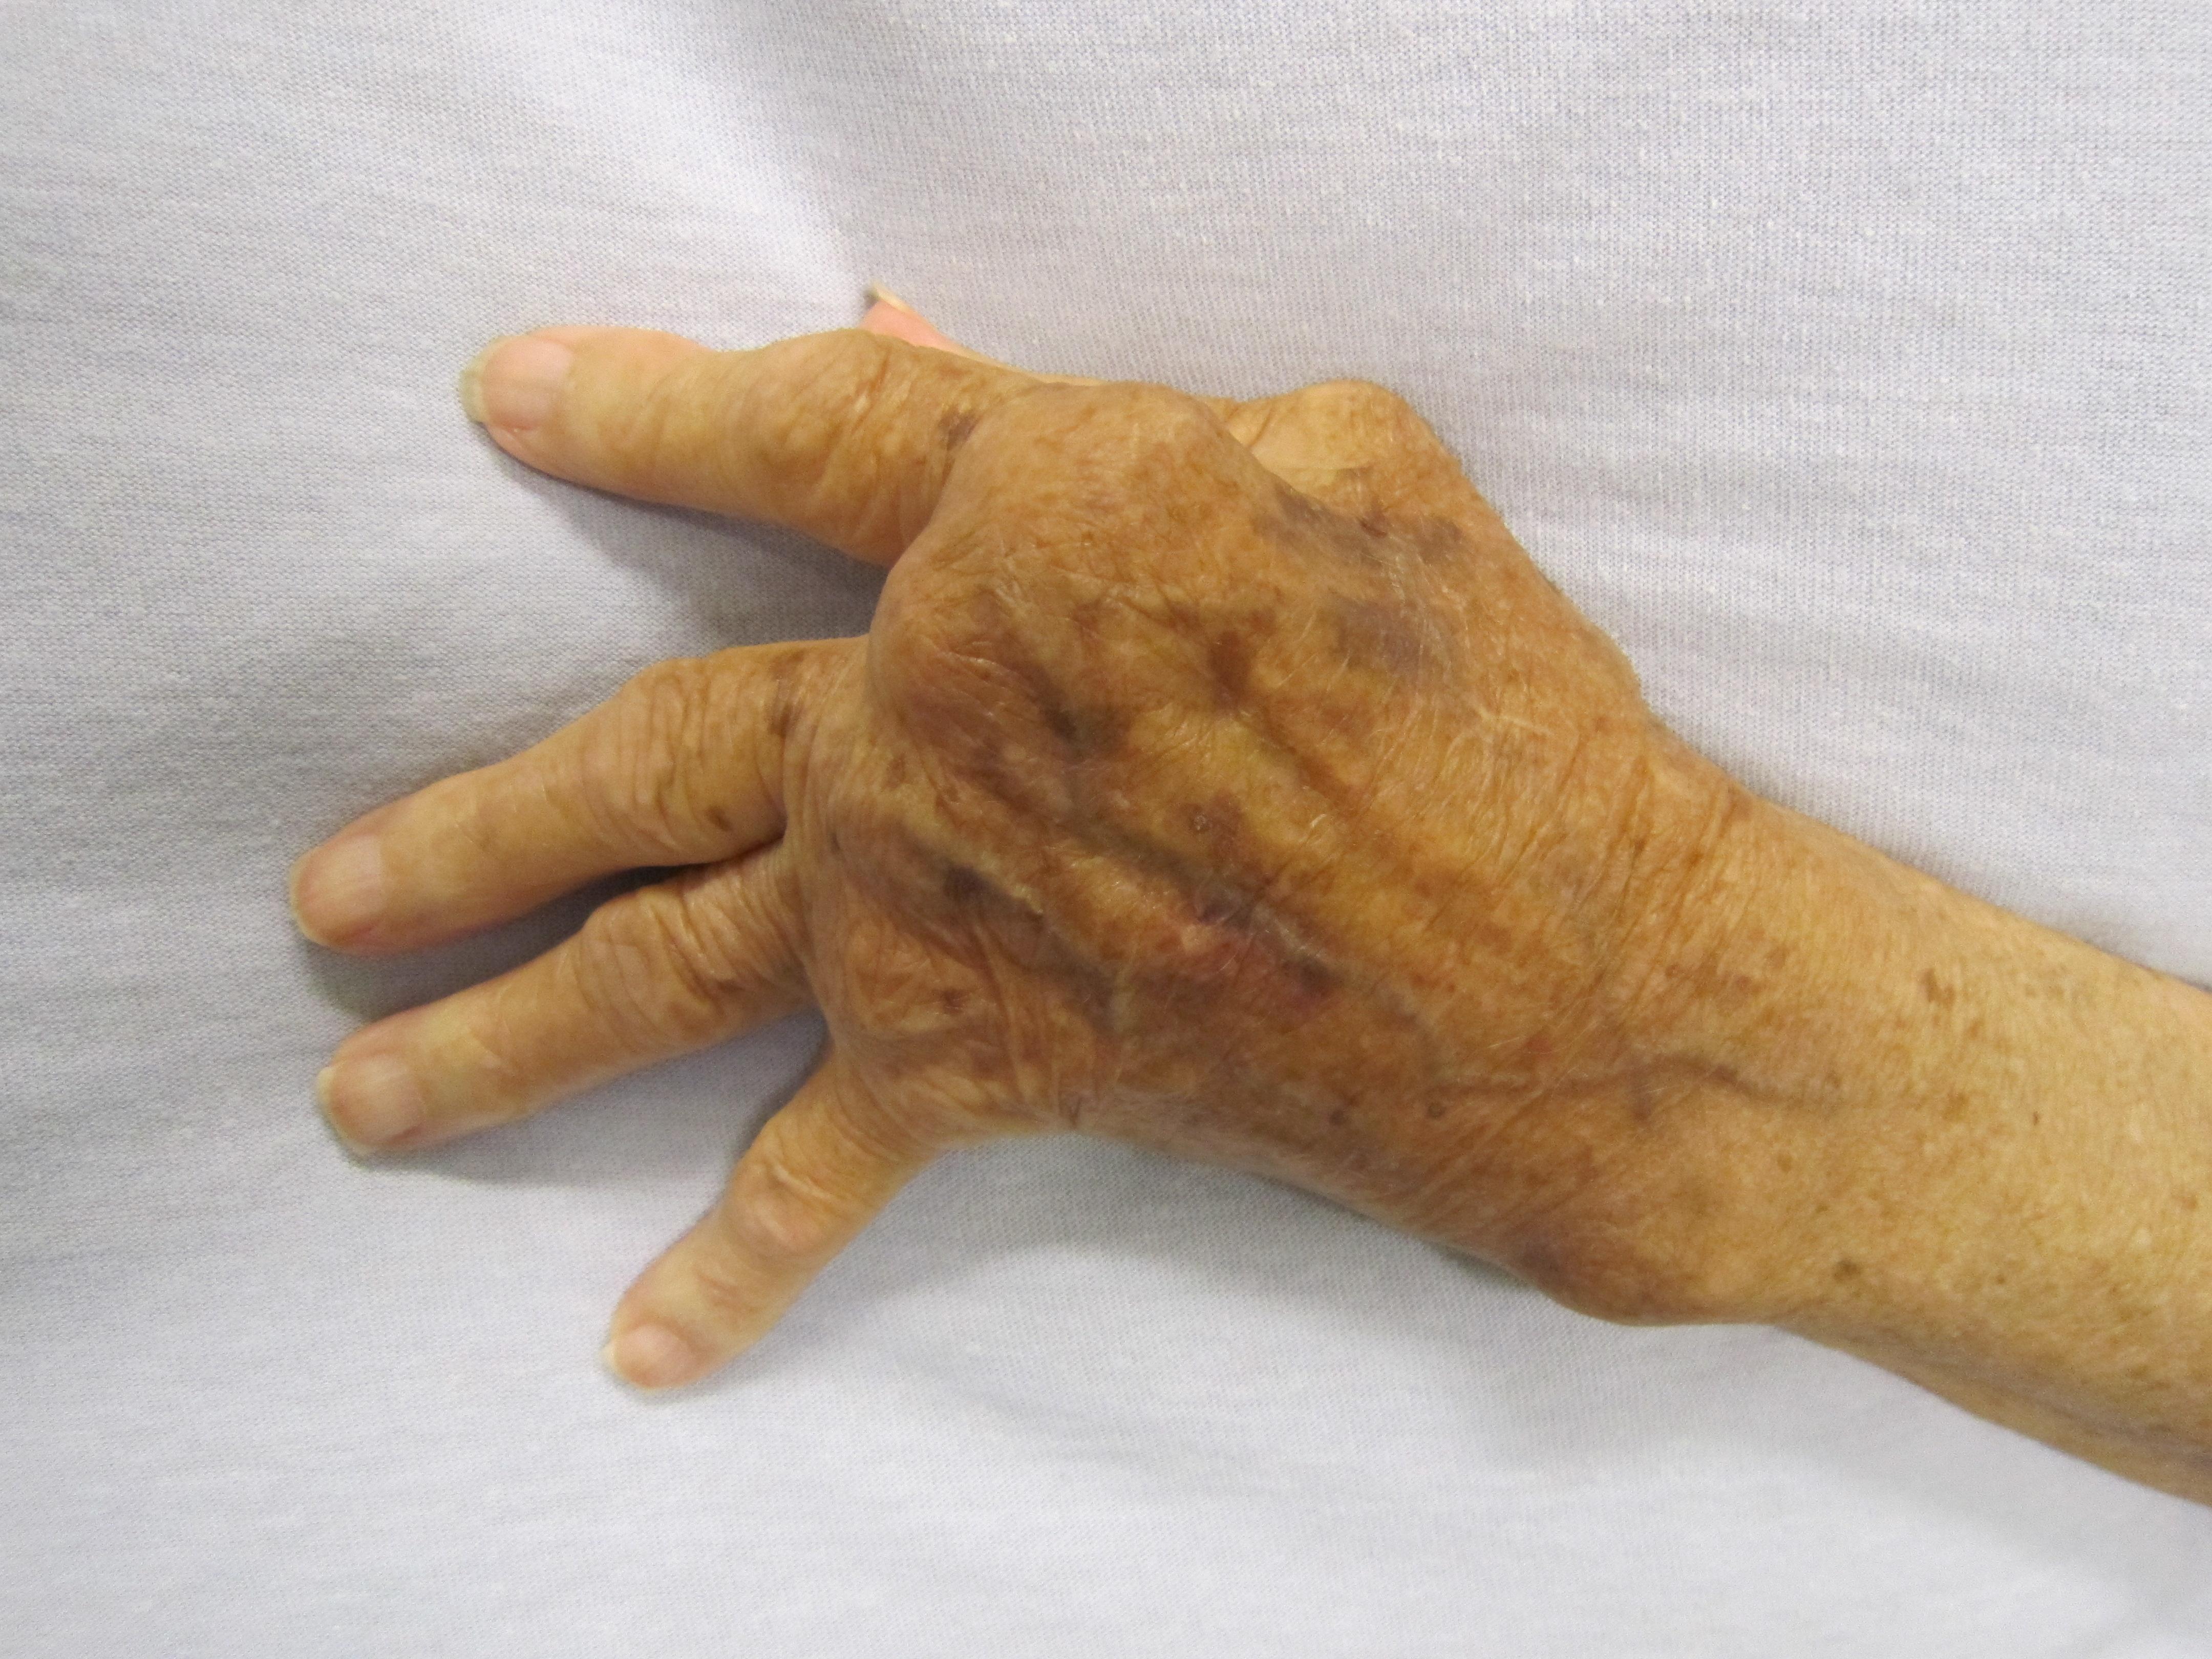 hogyan lehet enyhíteni a kéz ízületeit